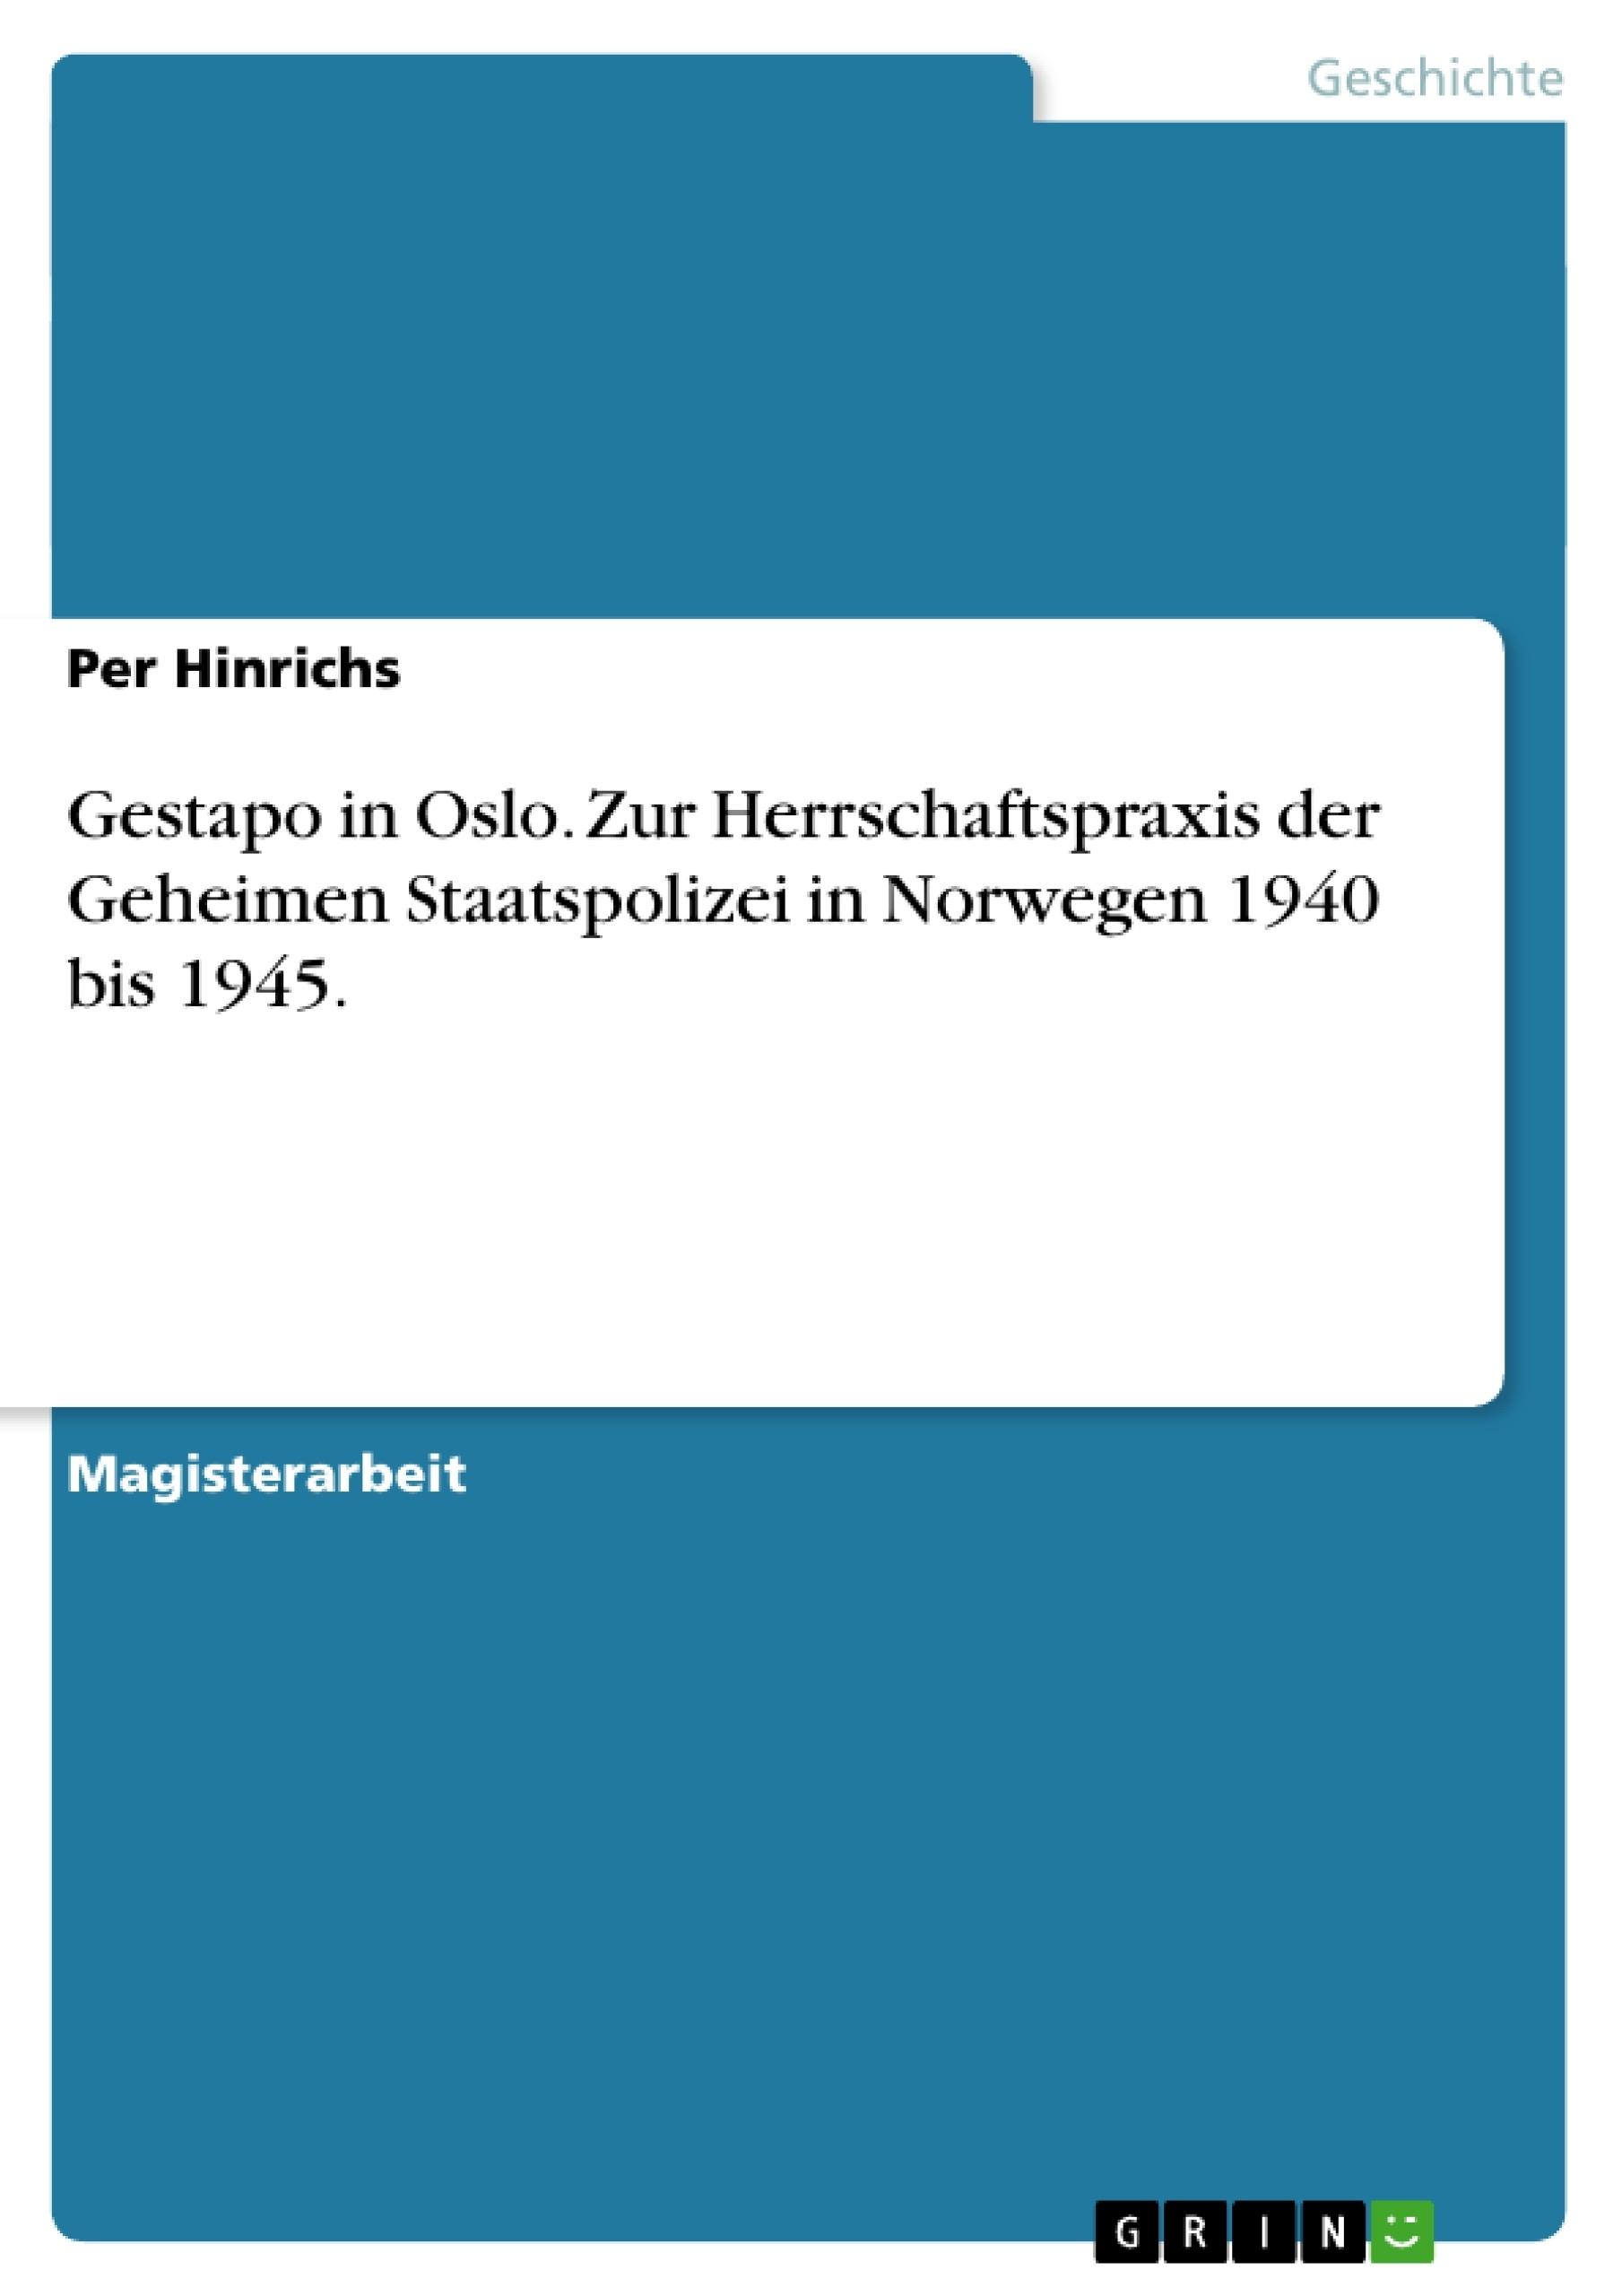 Titel: Gestapo in Oslo. Zur Herrschaftspraxis der Geheimen Staatspolizei in Norwegen 1940 bis 1945.